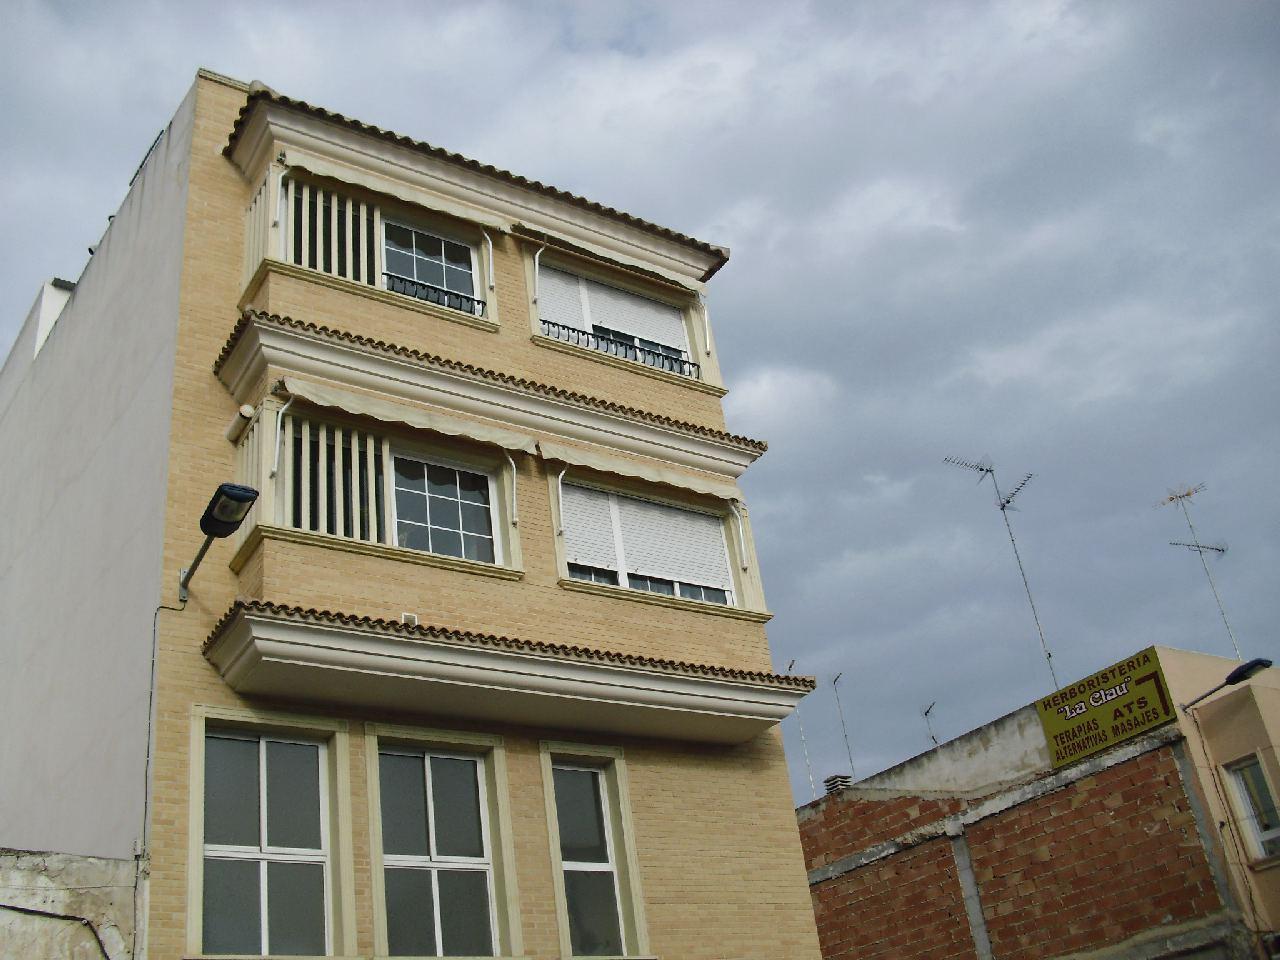 Busco pisos en santa pola apartamentos en compra venta for Busco piso de compra